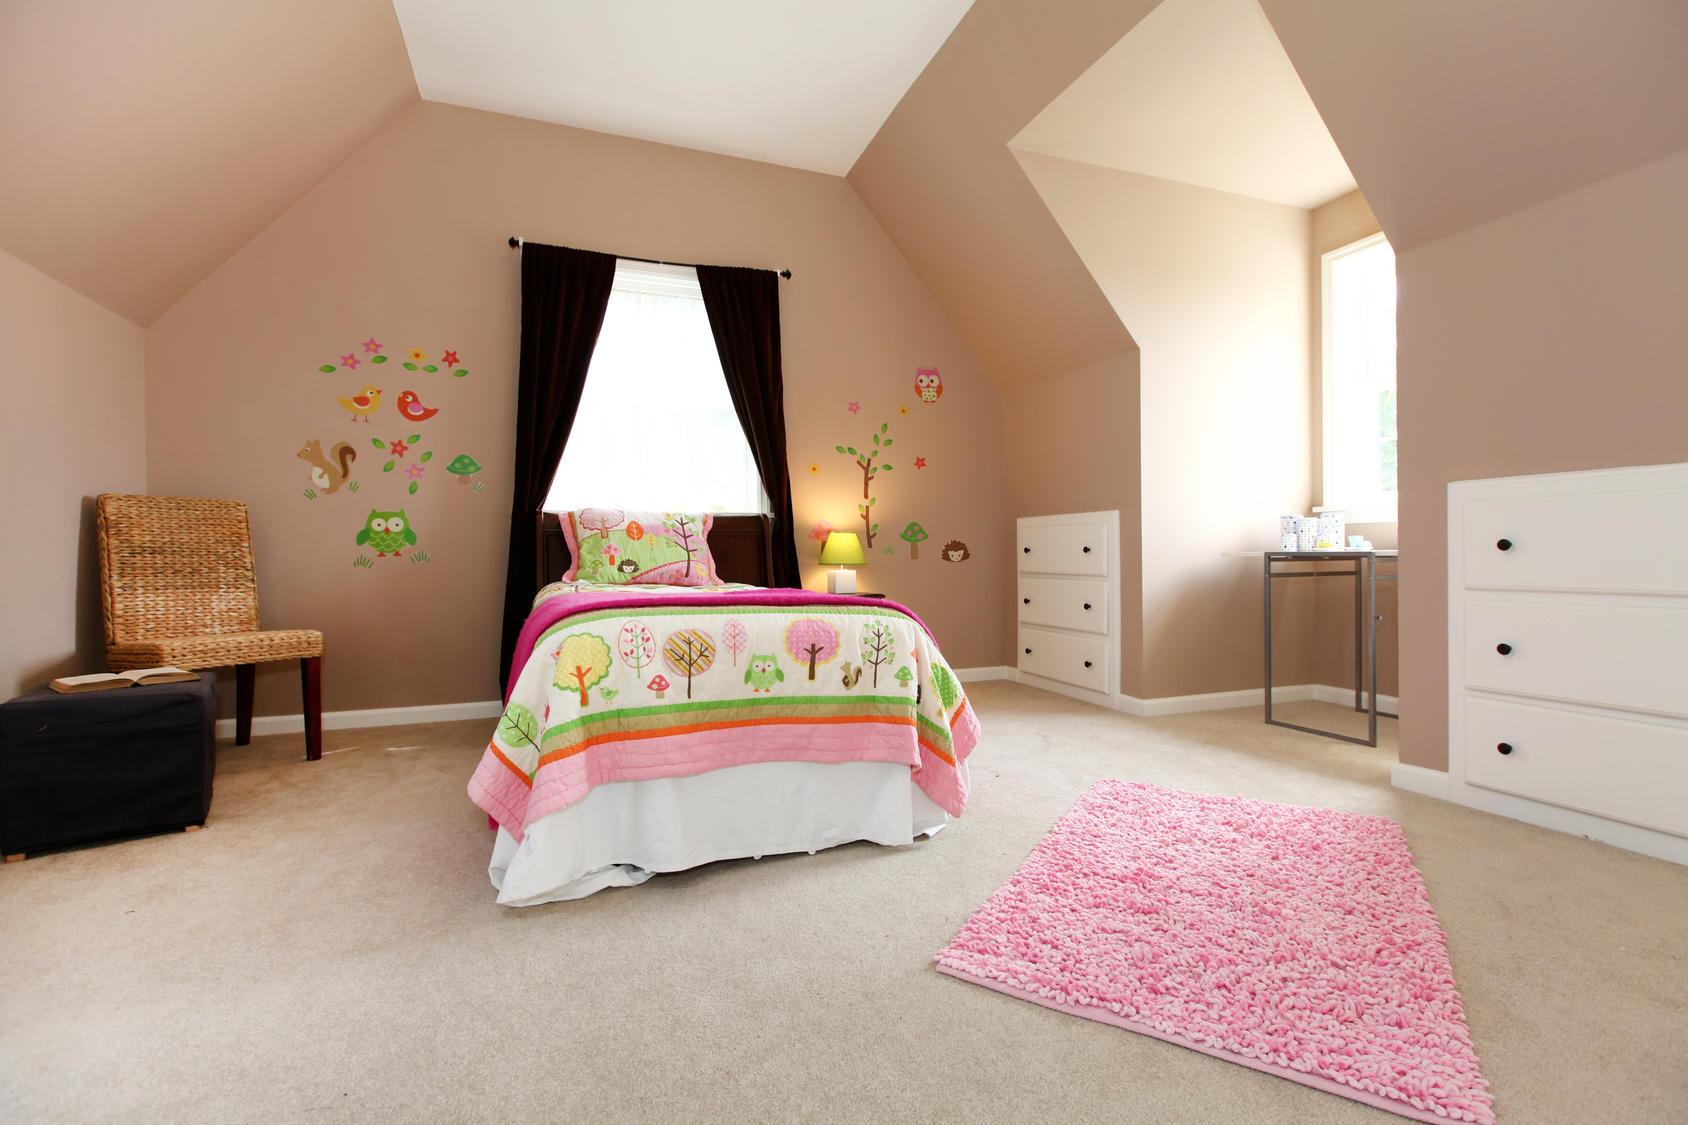 Декор стены рисунками детской комнаты